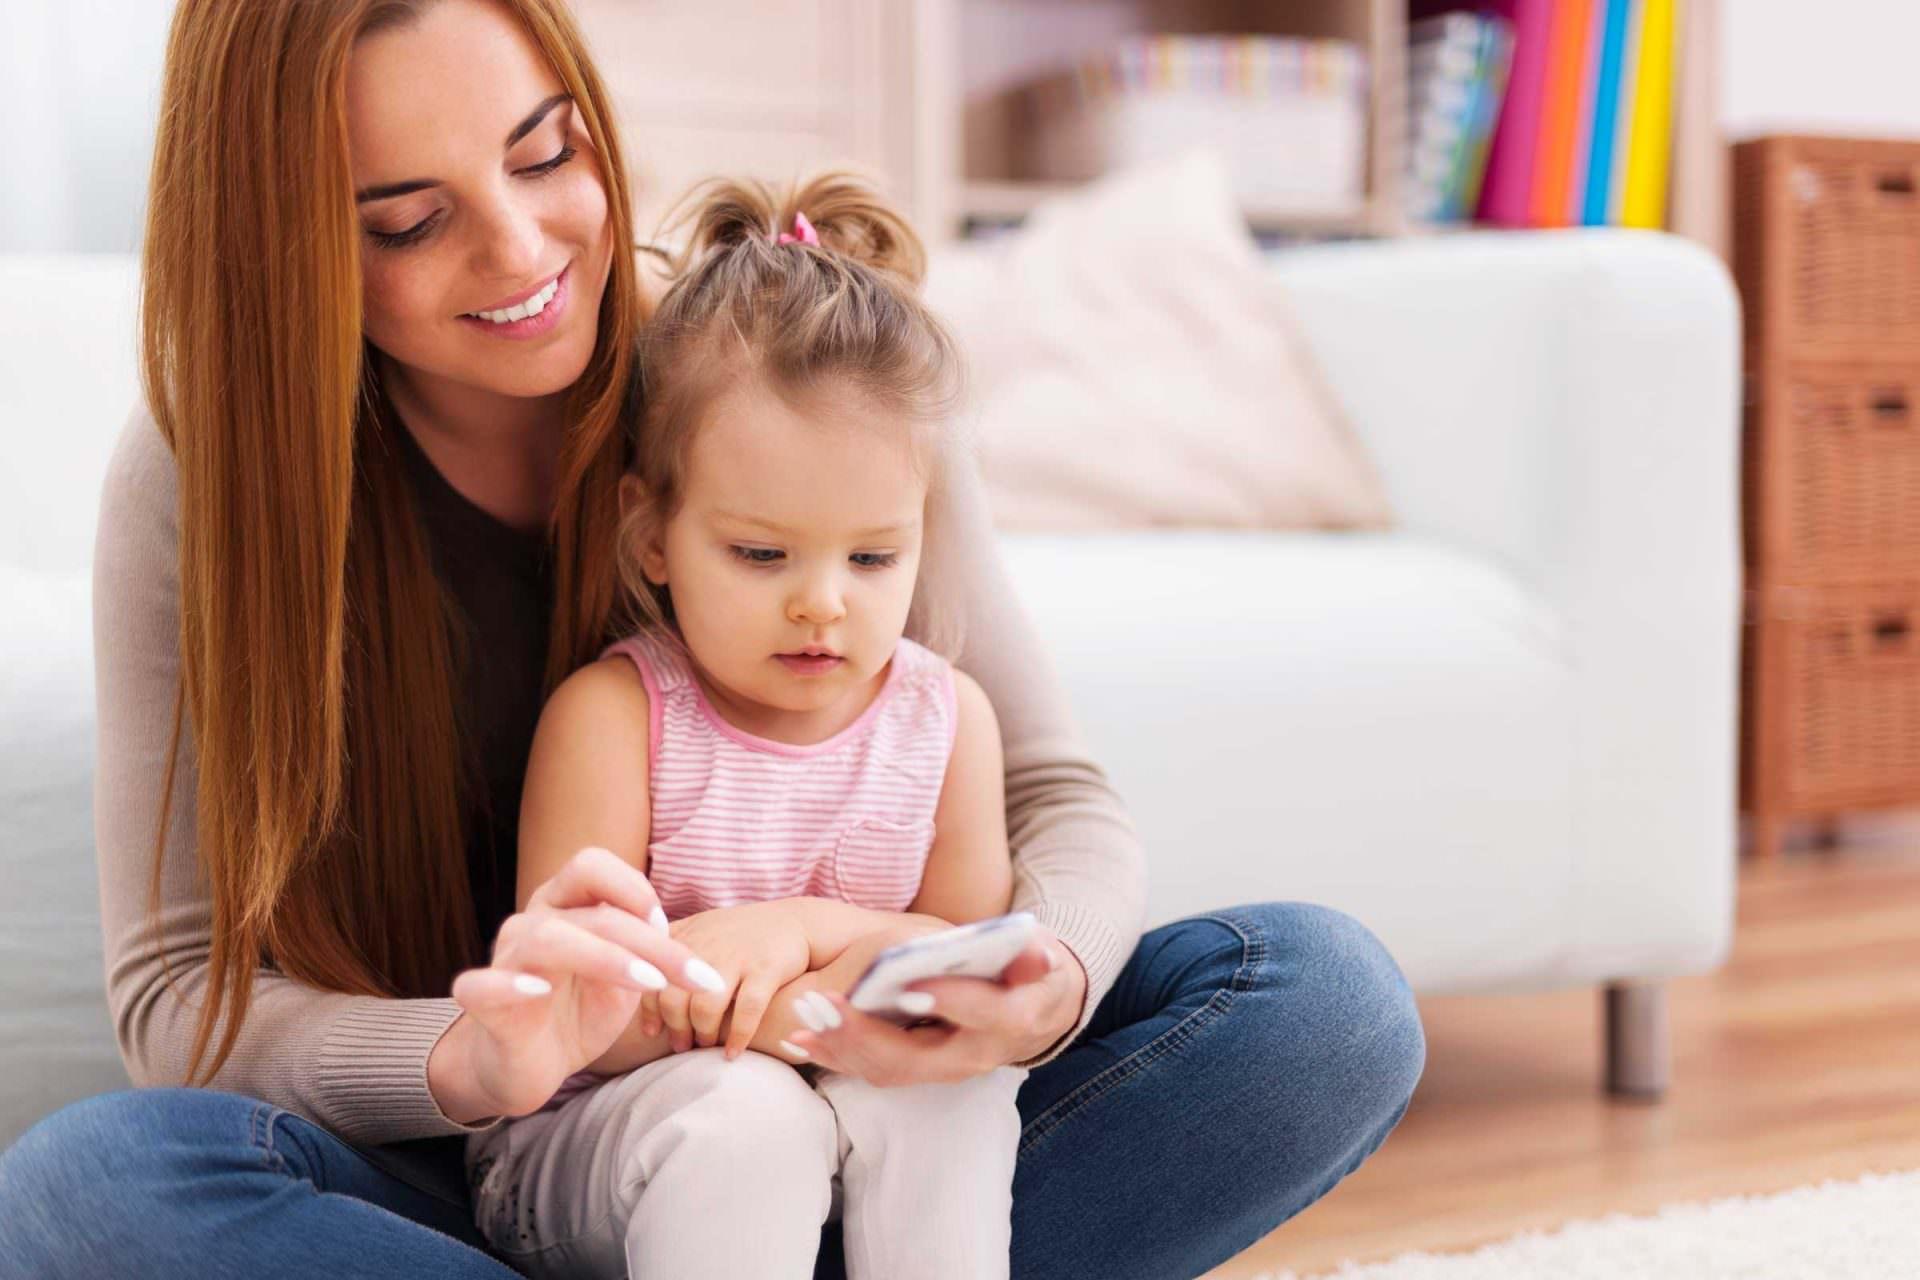 01-practice-ways-get-kids-off-phones-without-bribery-37707798-gpointstudio